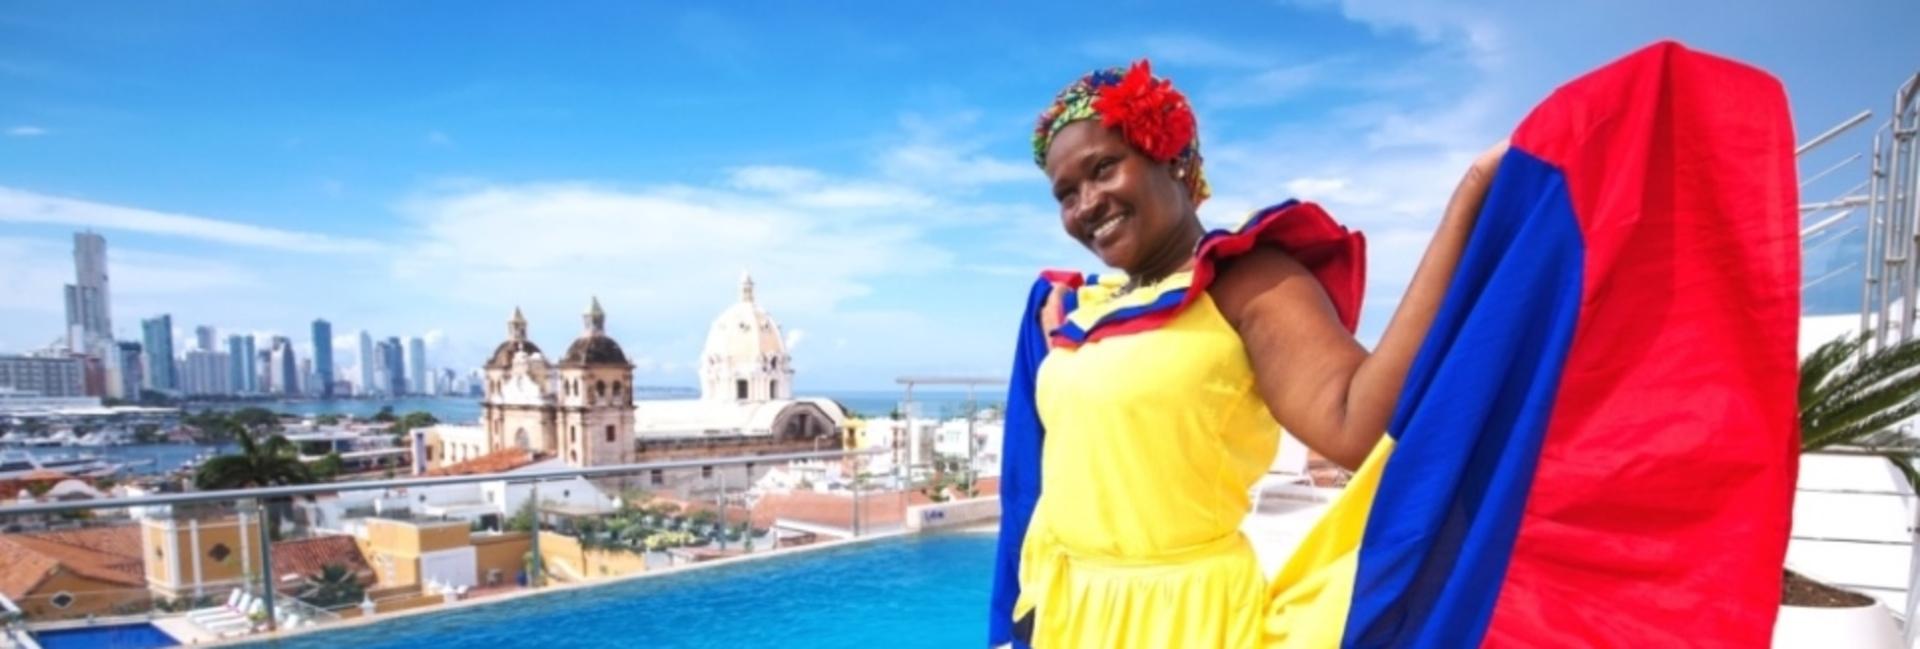 Kolumbia - kraj o wielu obliczach